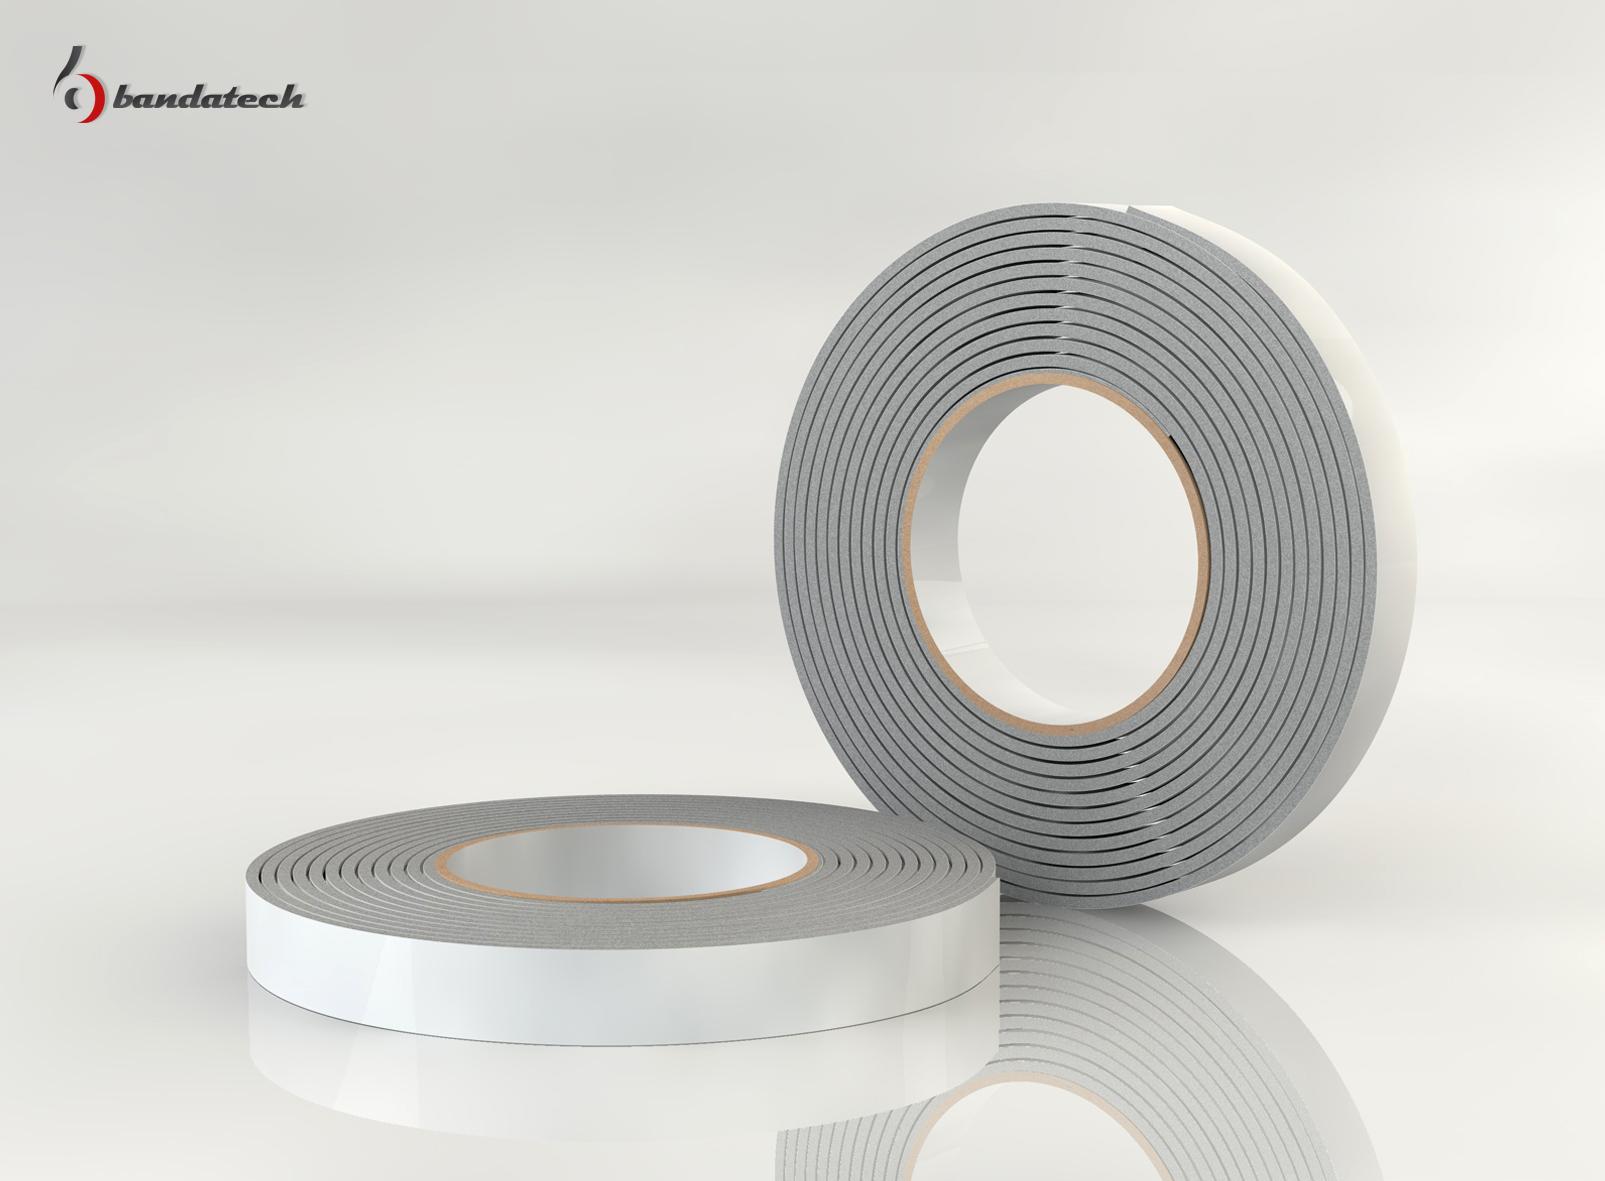 Garnituri adezive din polietilena de culoare gri BANDATECH - Poza 2